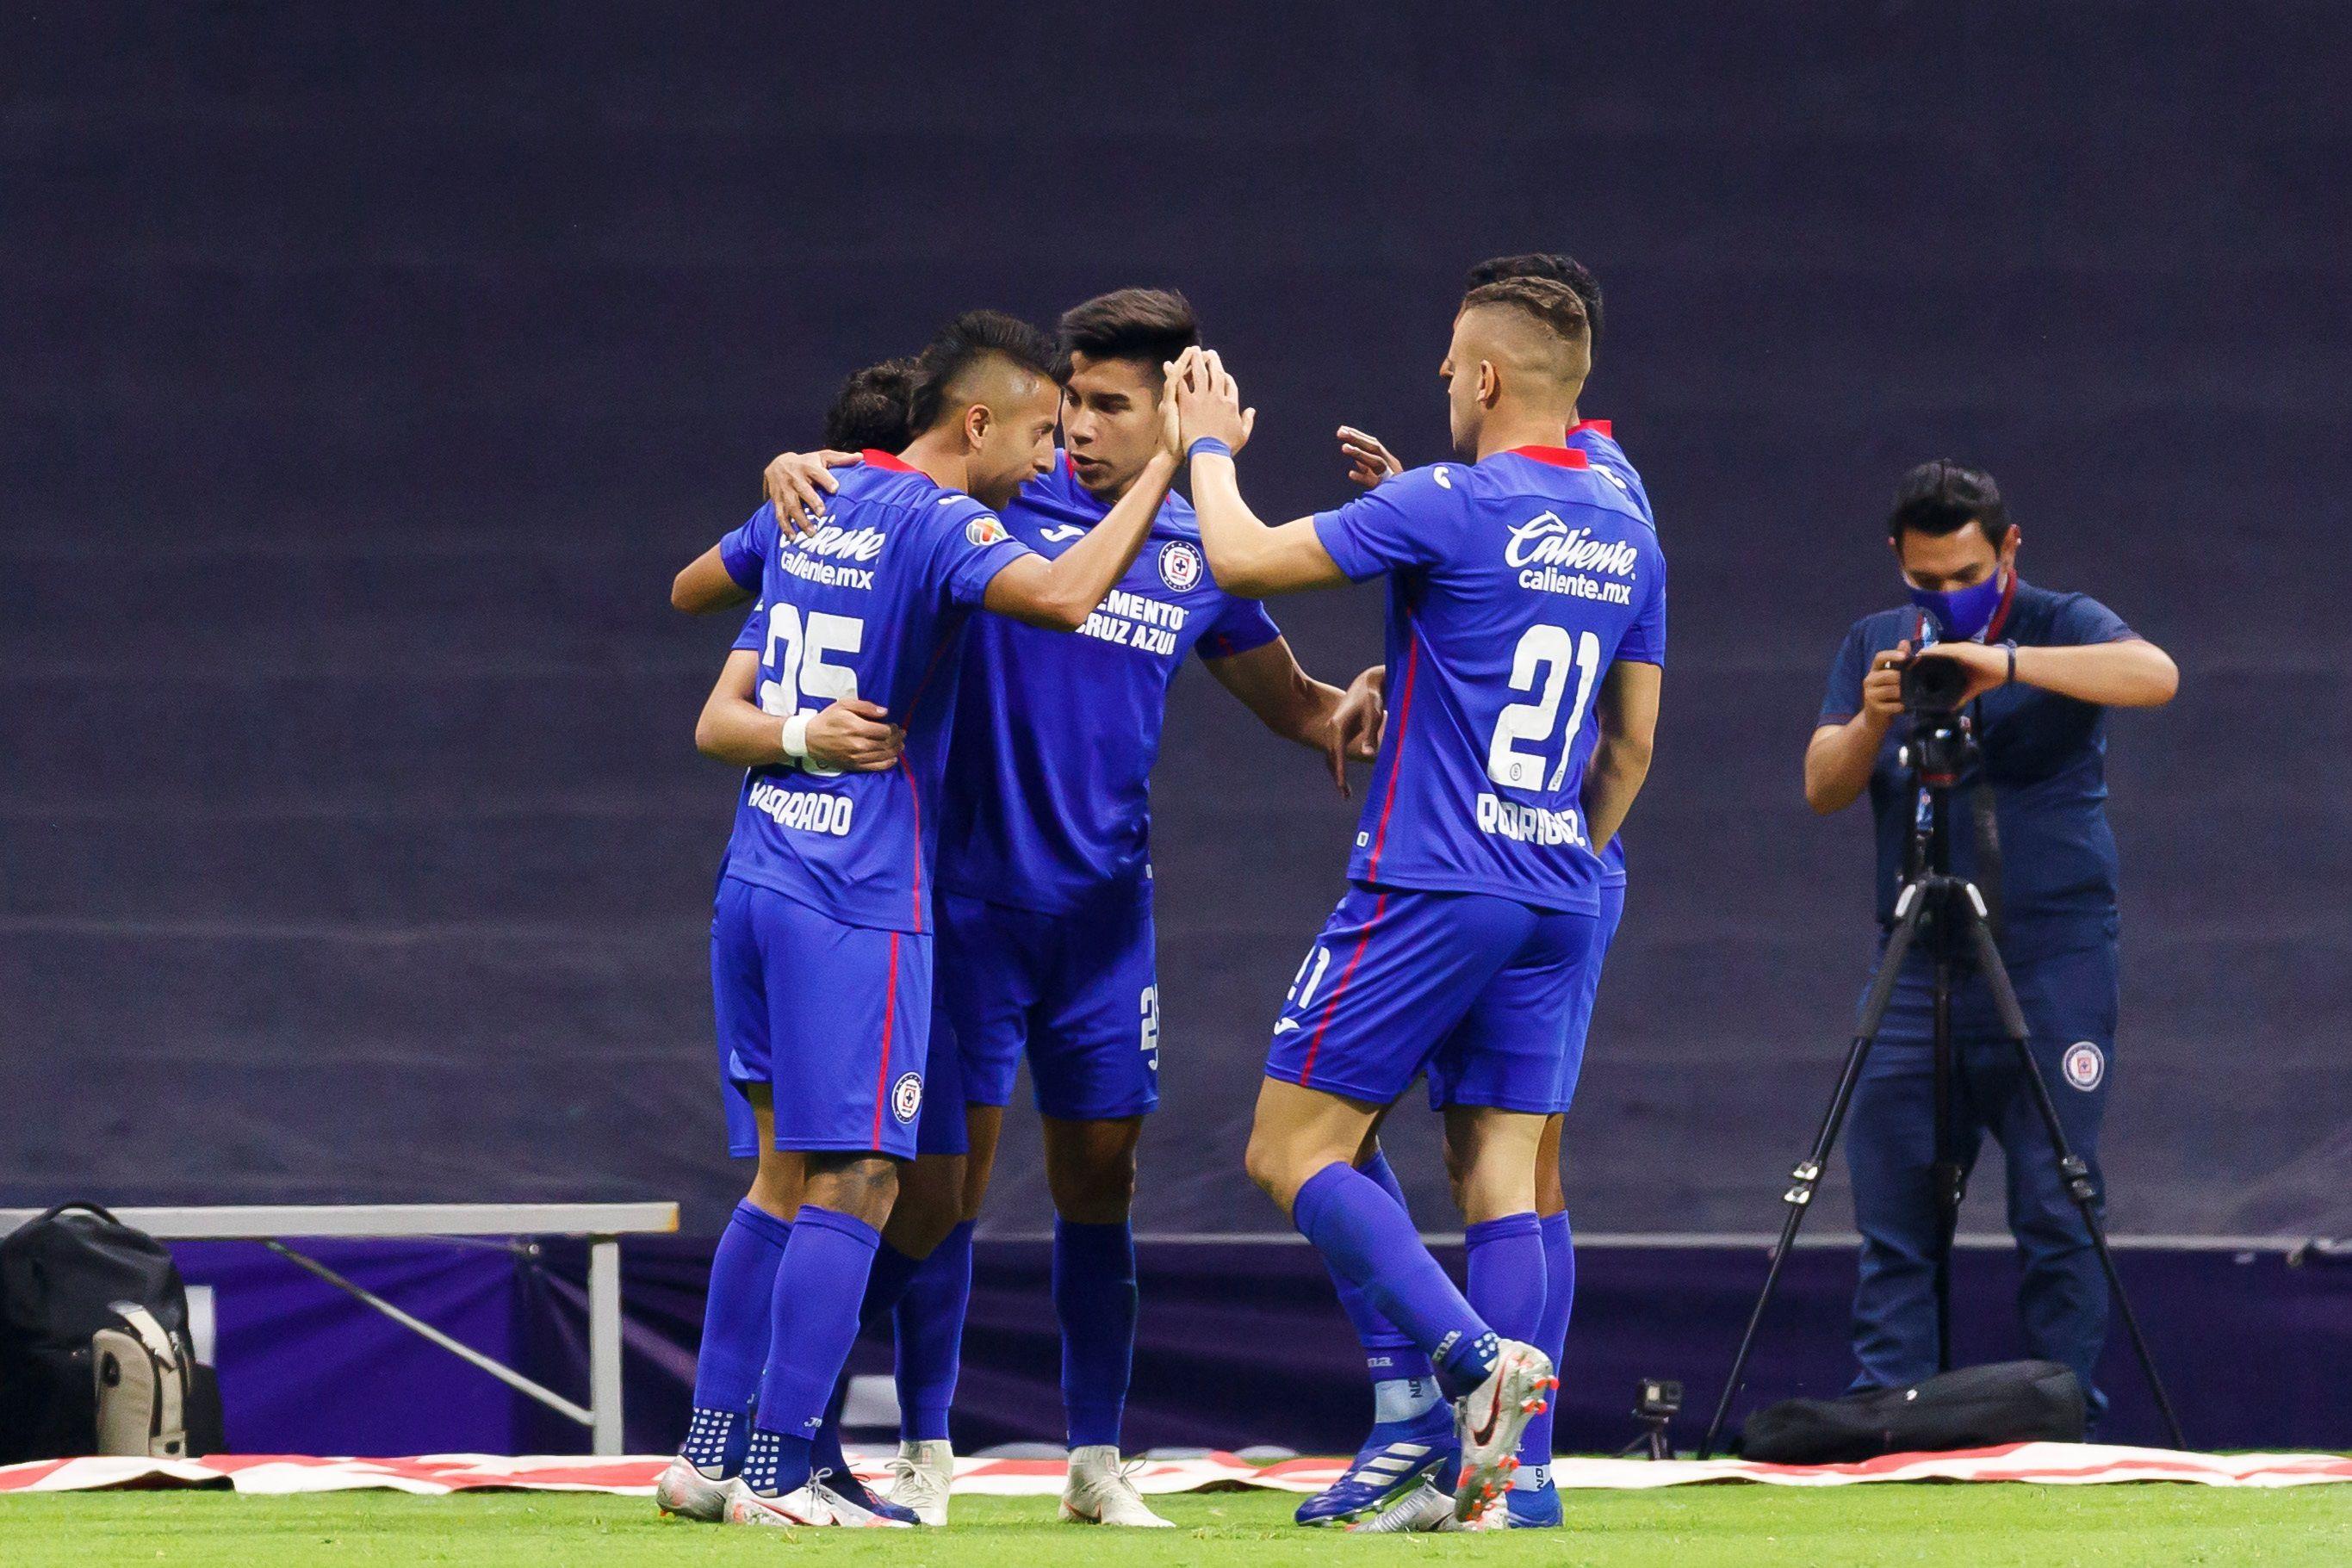 La Máquina rompió su propio récord y llegó a 11 victorias consecutivas en Liga MX (Foto: EFE/José Méndez)